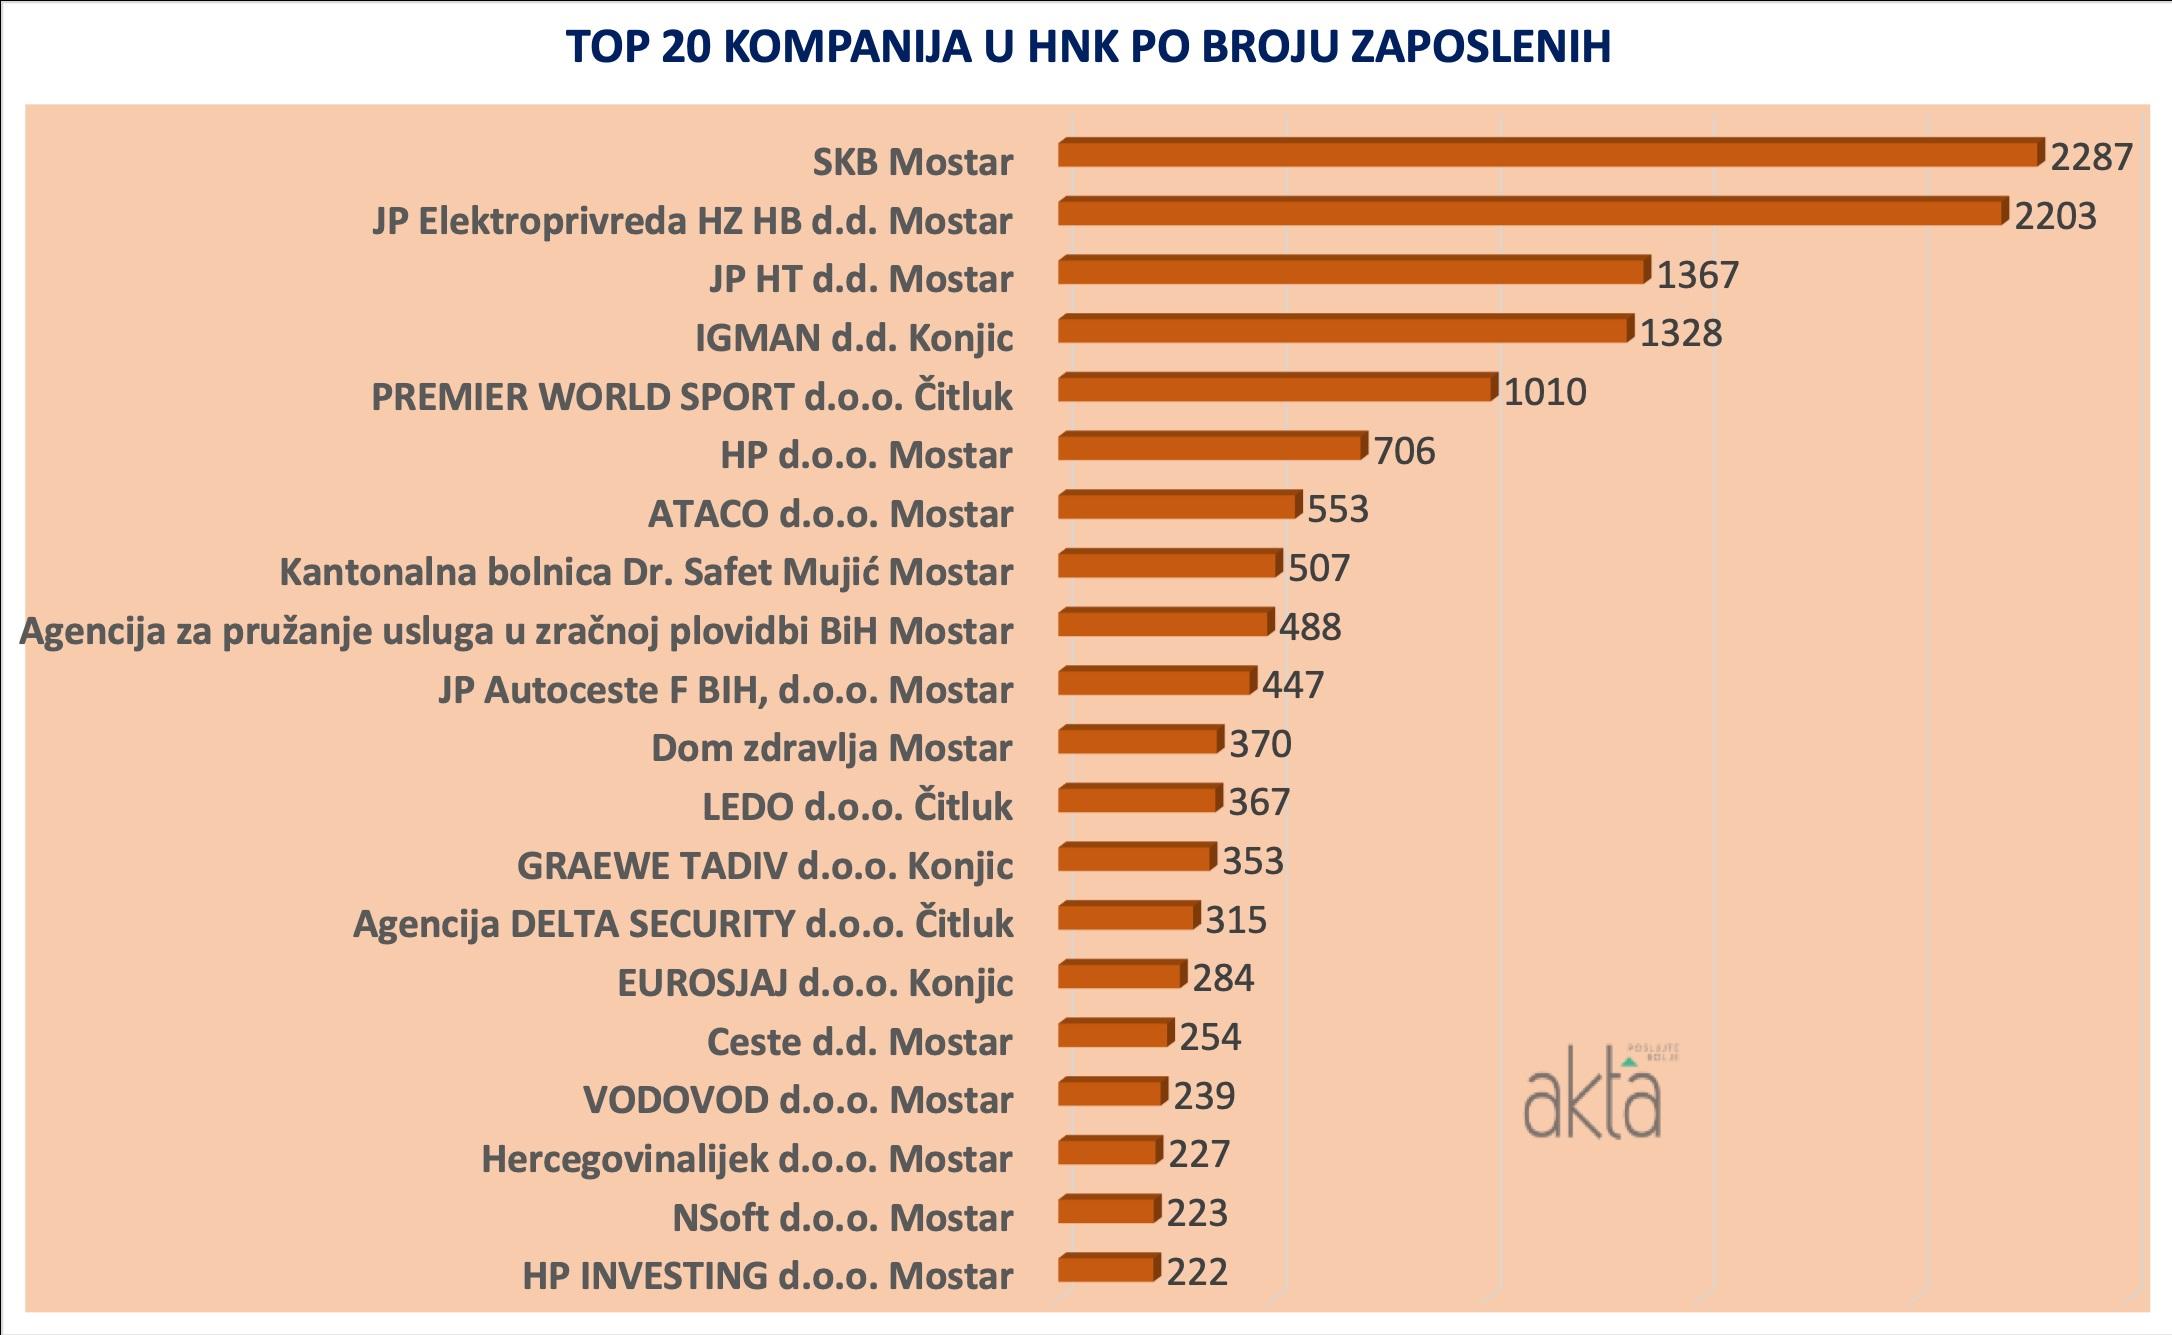 TOP 20 u HNK: Treći kanton u Federaciji BiH po ekonomskoj razvijenosti